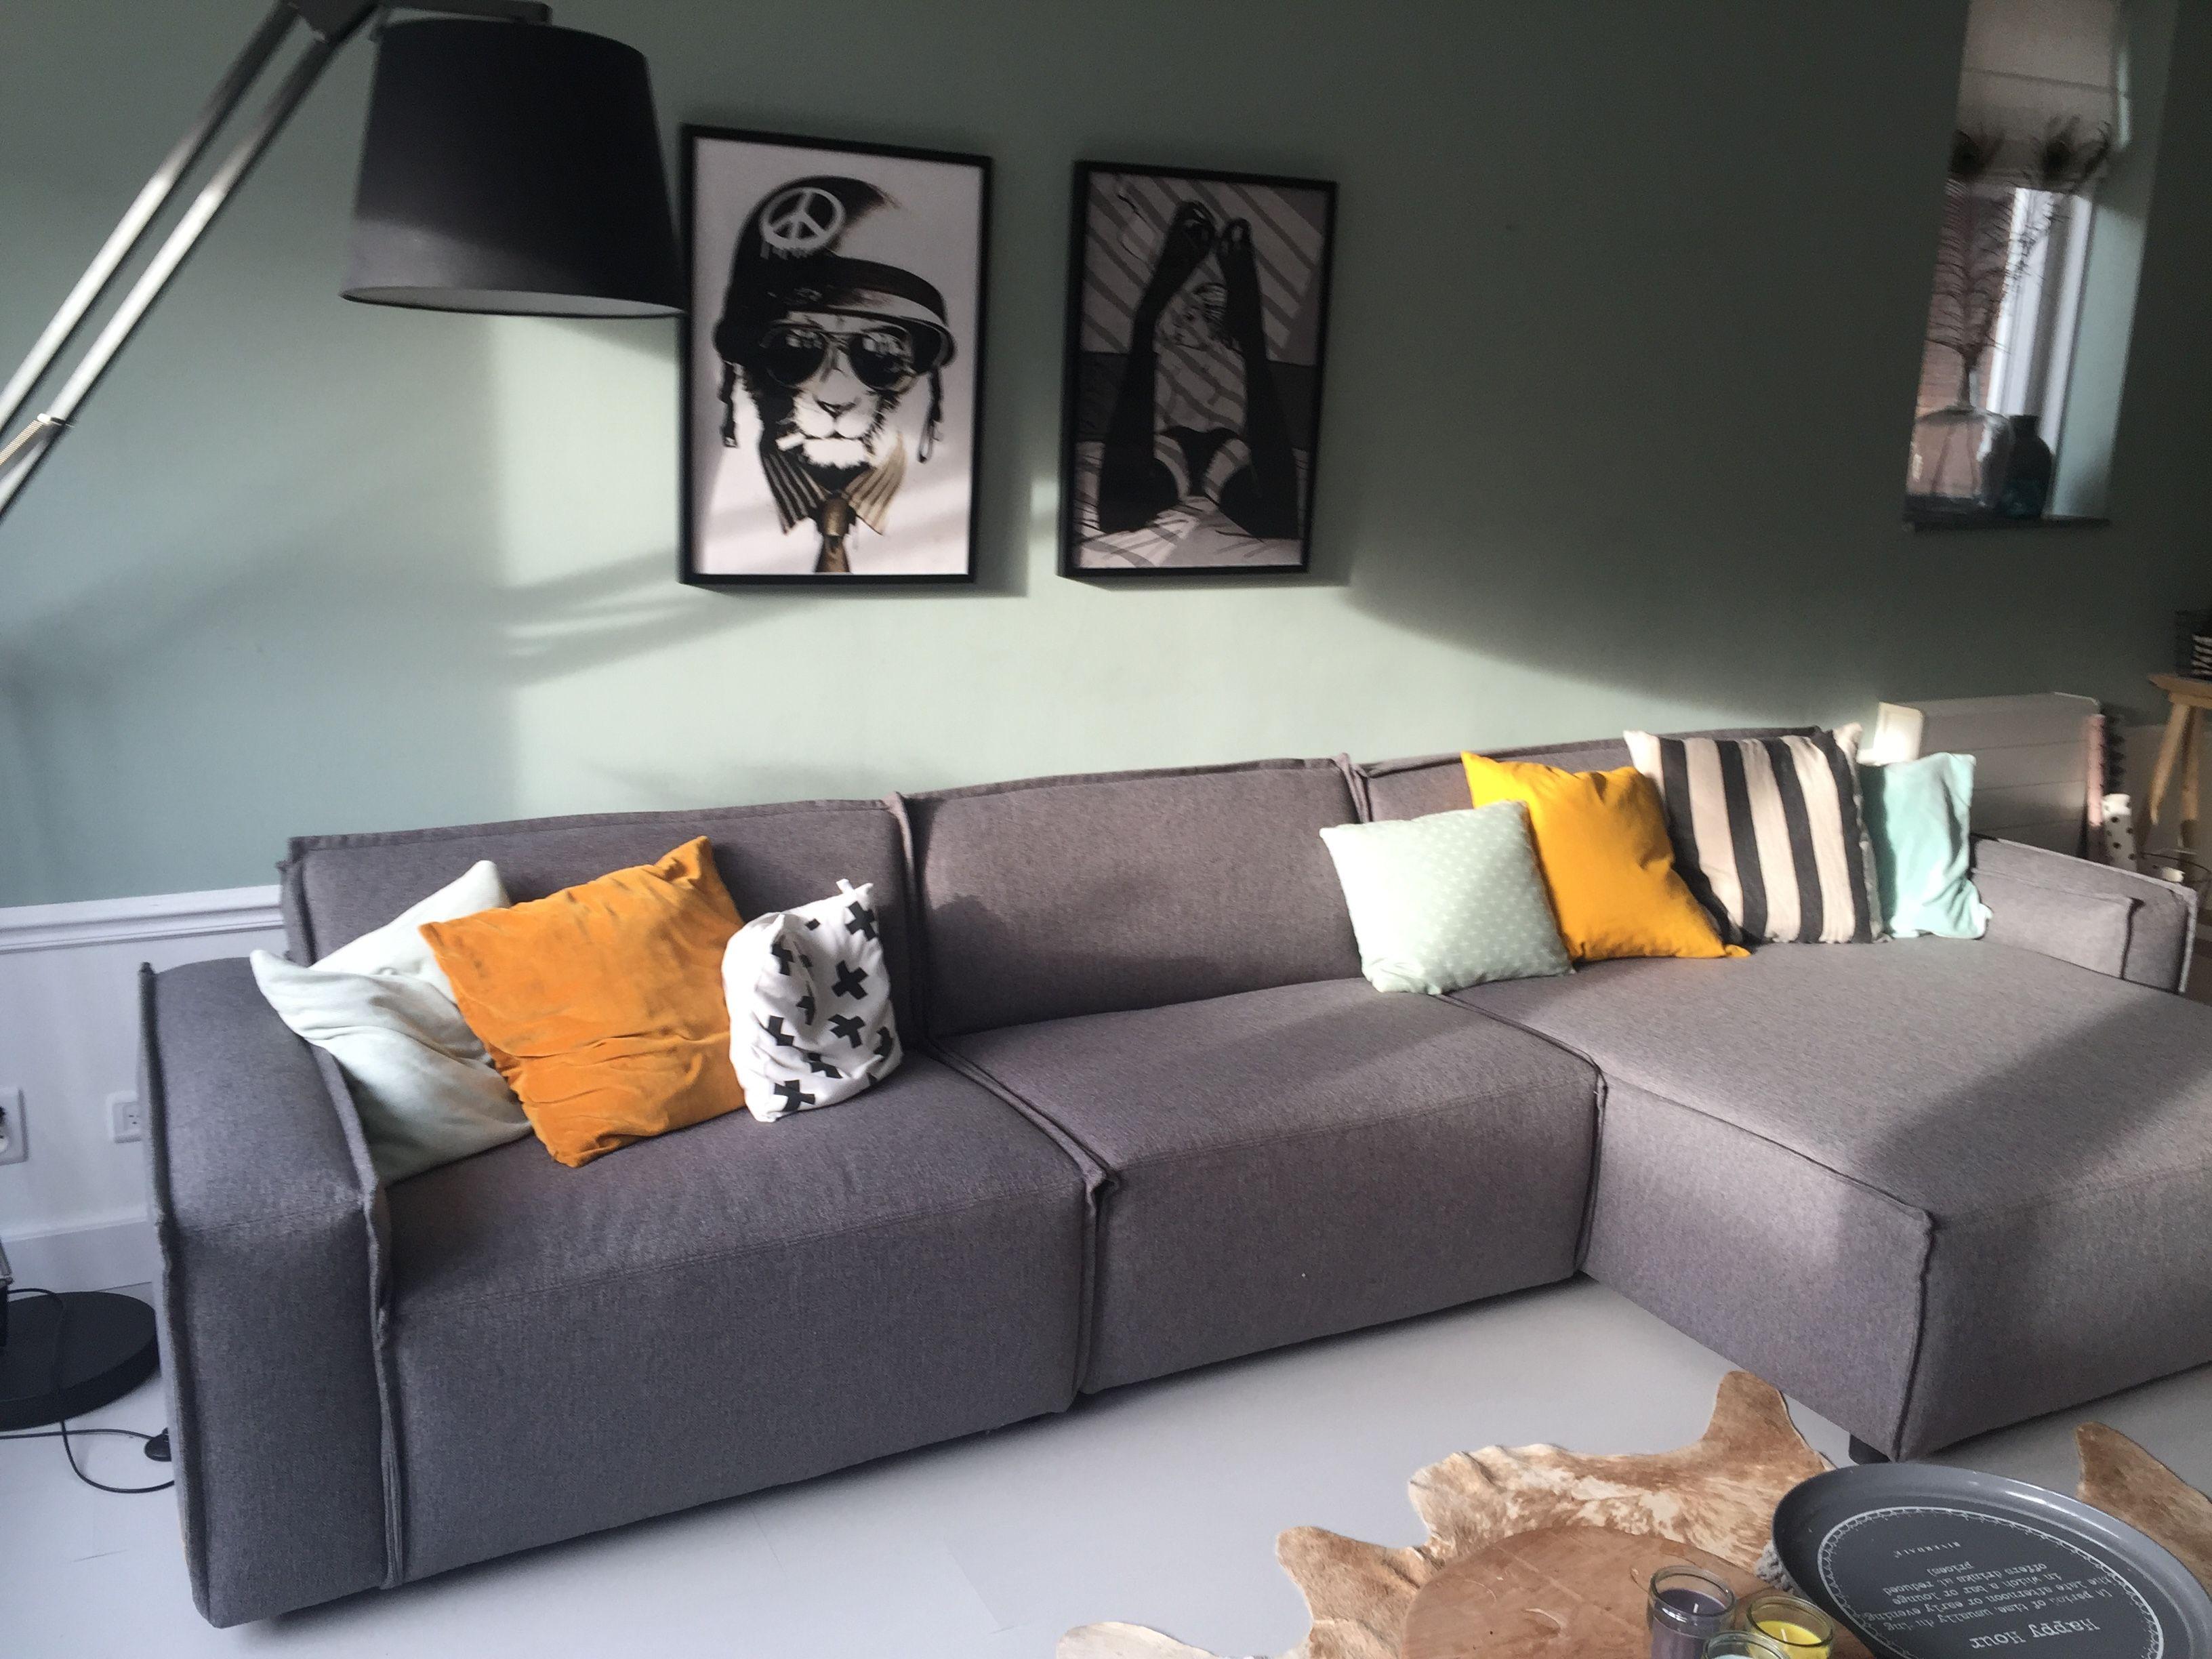 Leenbakker Slaapkamer Meuble : Onze nieuwe umix bank van leenbakker super blij mee intérieurs